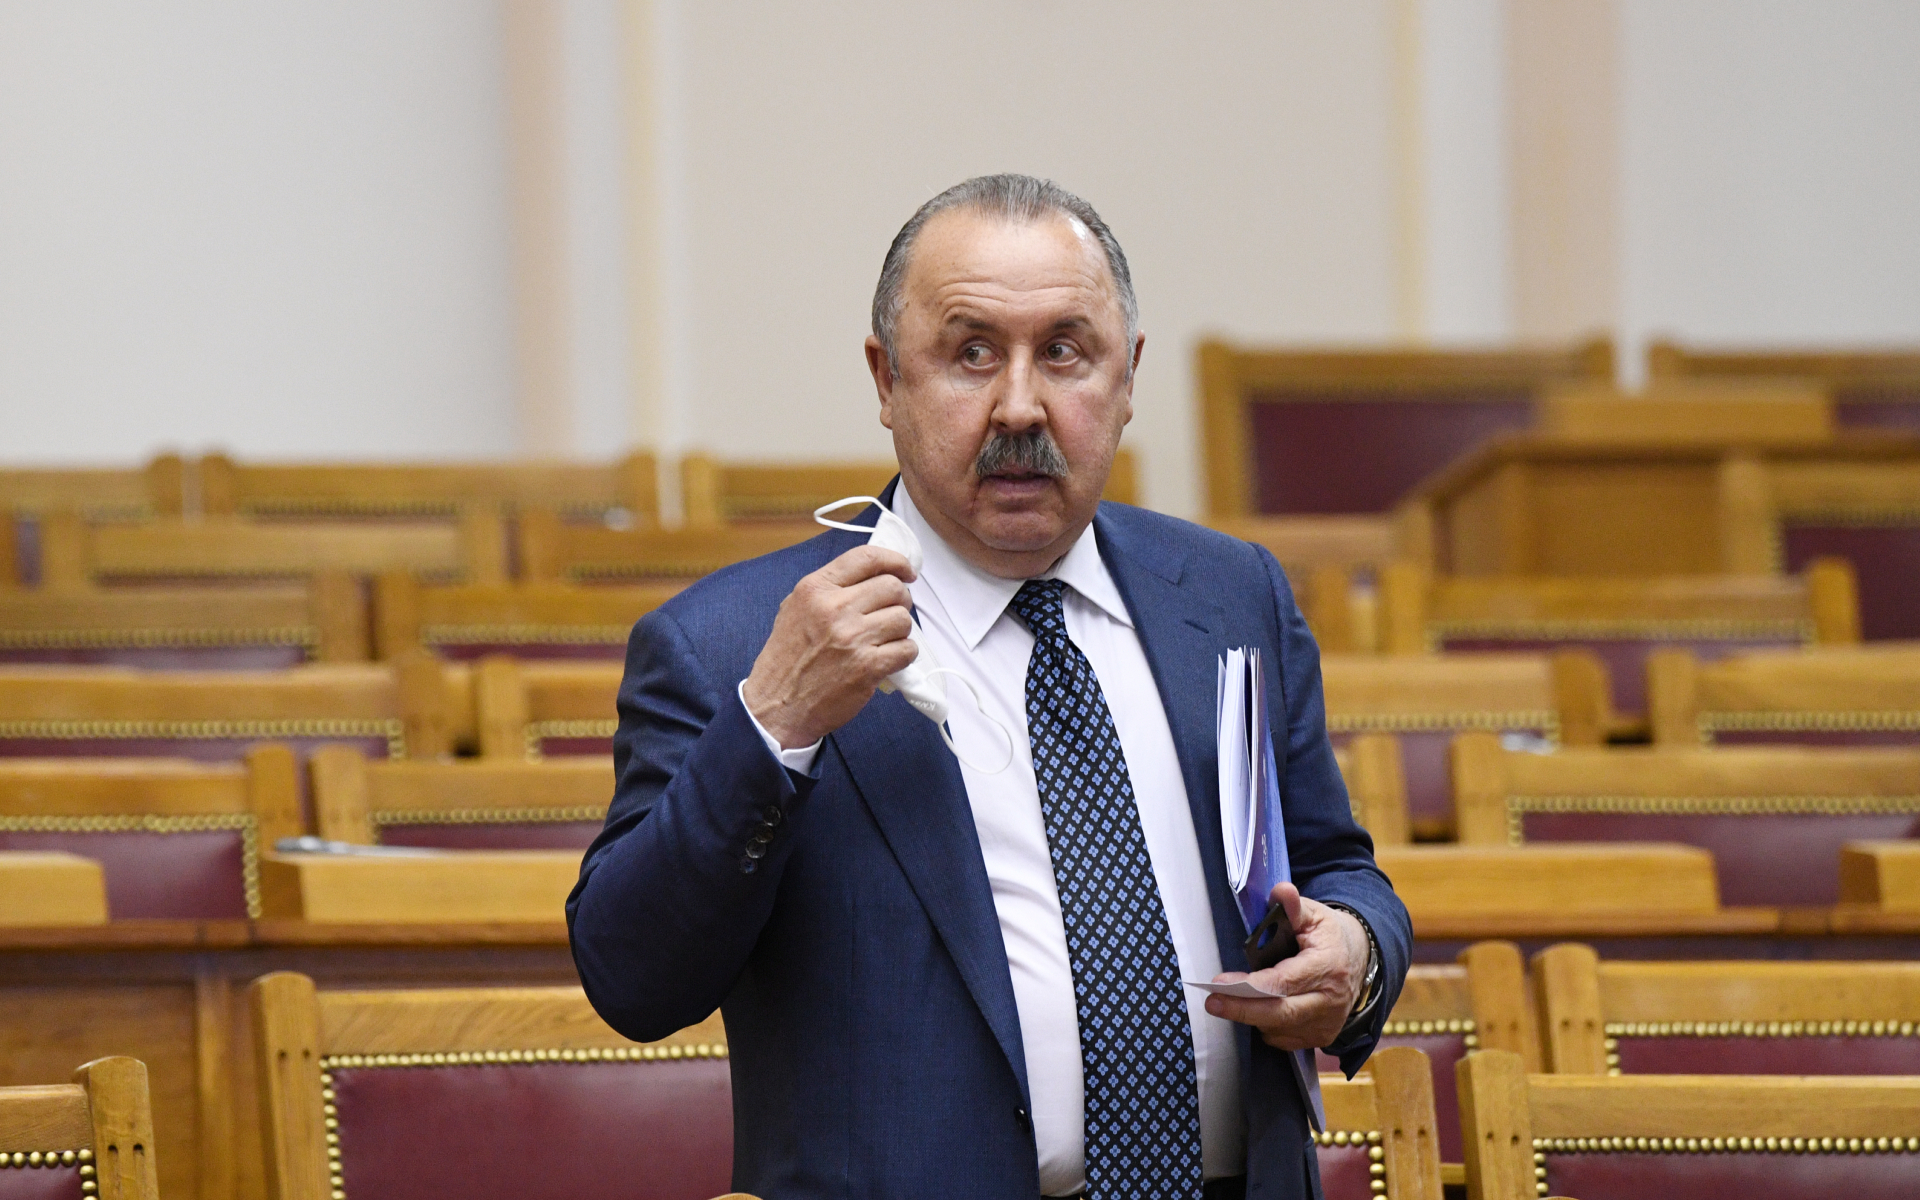 Фото: Валерий Газзаев (Алексей Даничев/POOL/ТАСС)